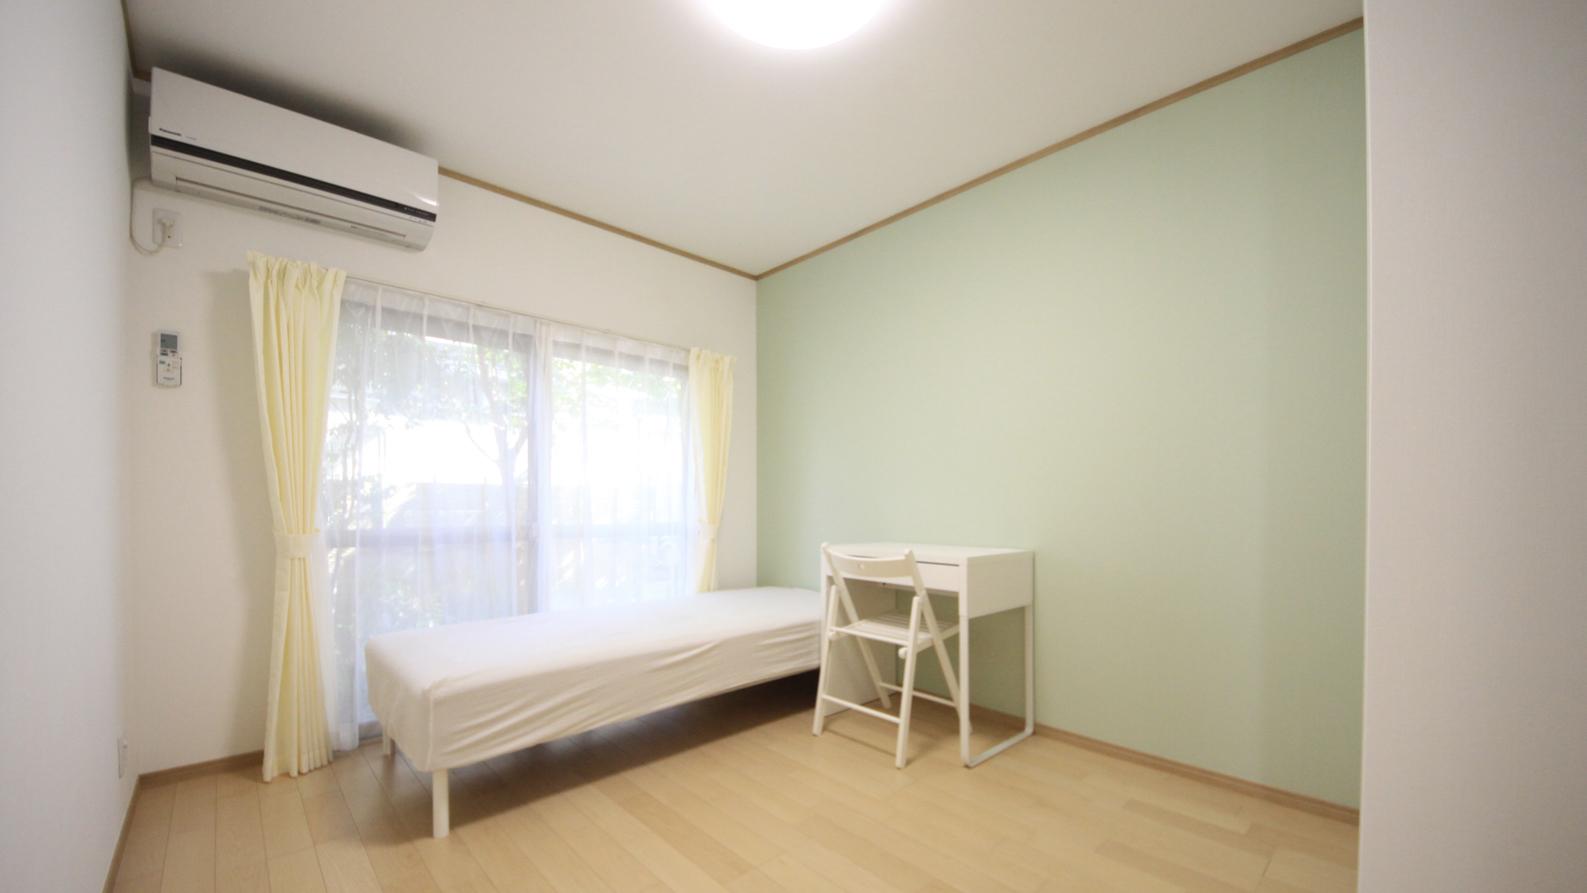 一戸建てシェアハウスのグリーン壁紙の明るい居室